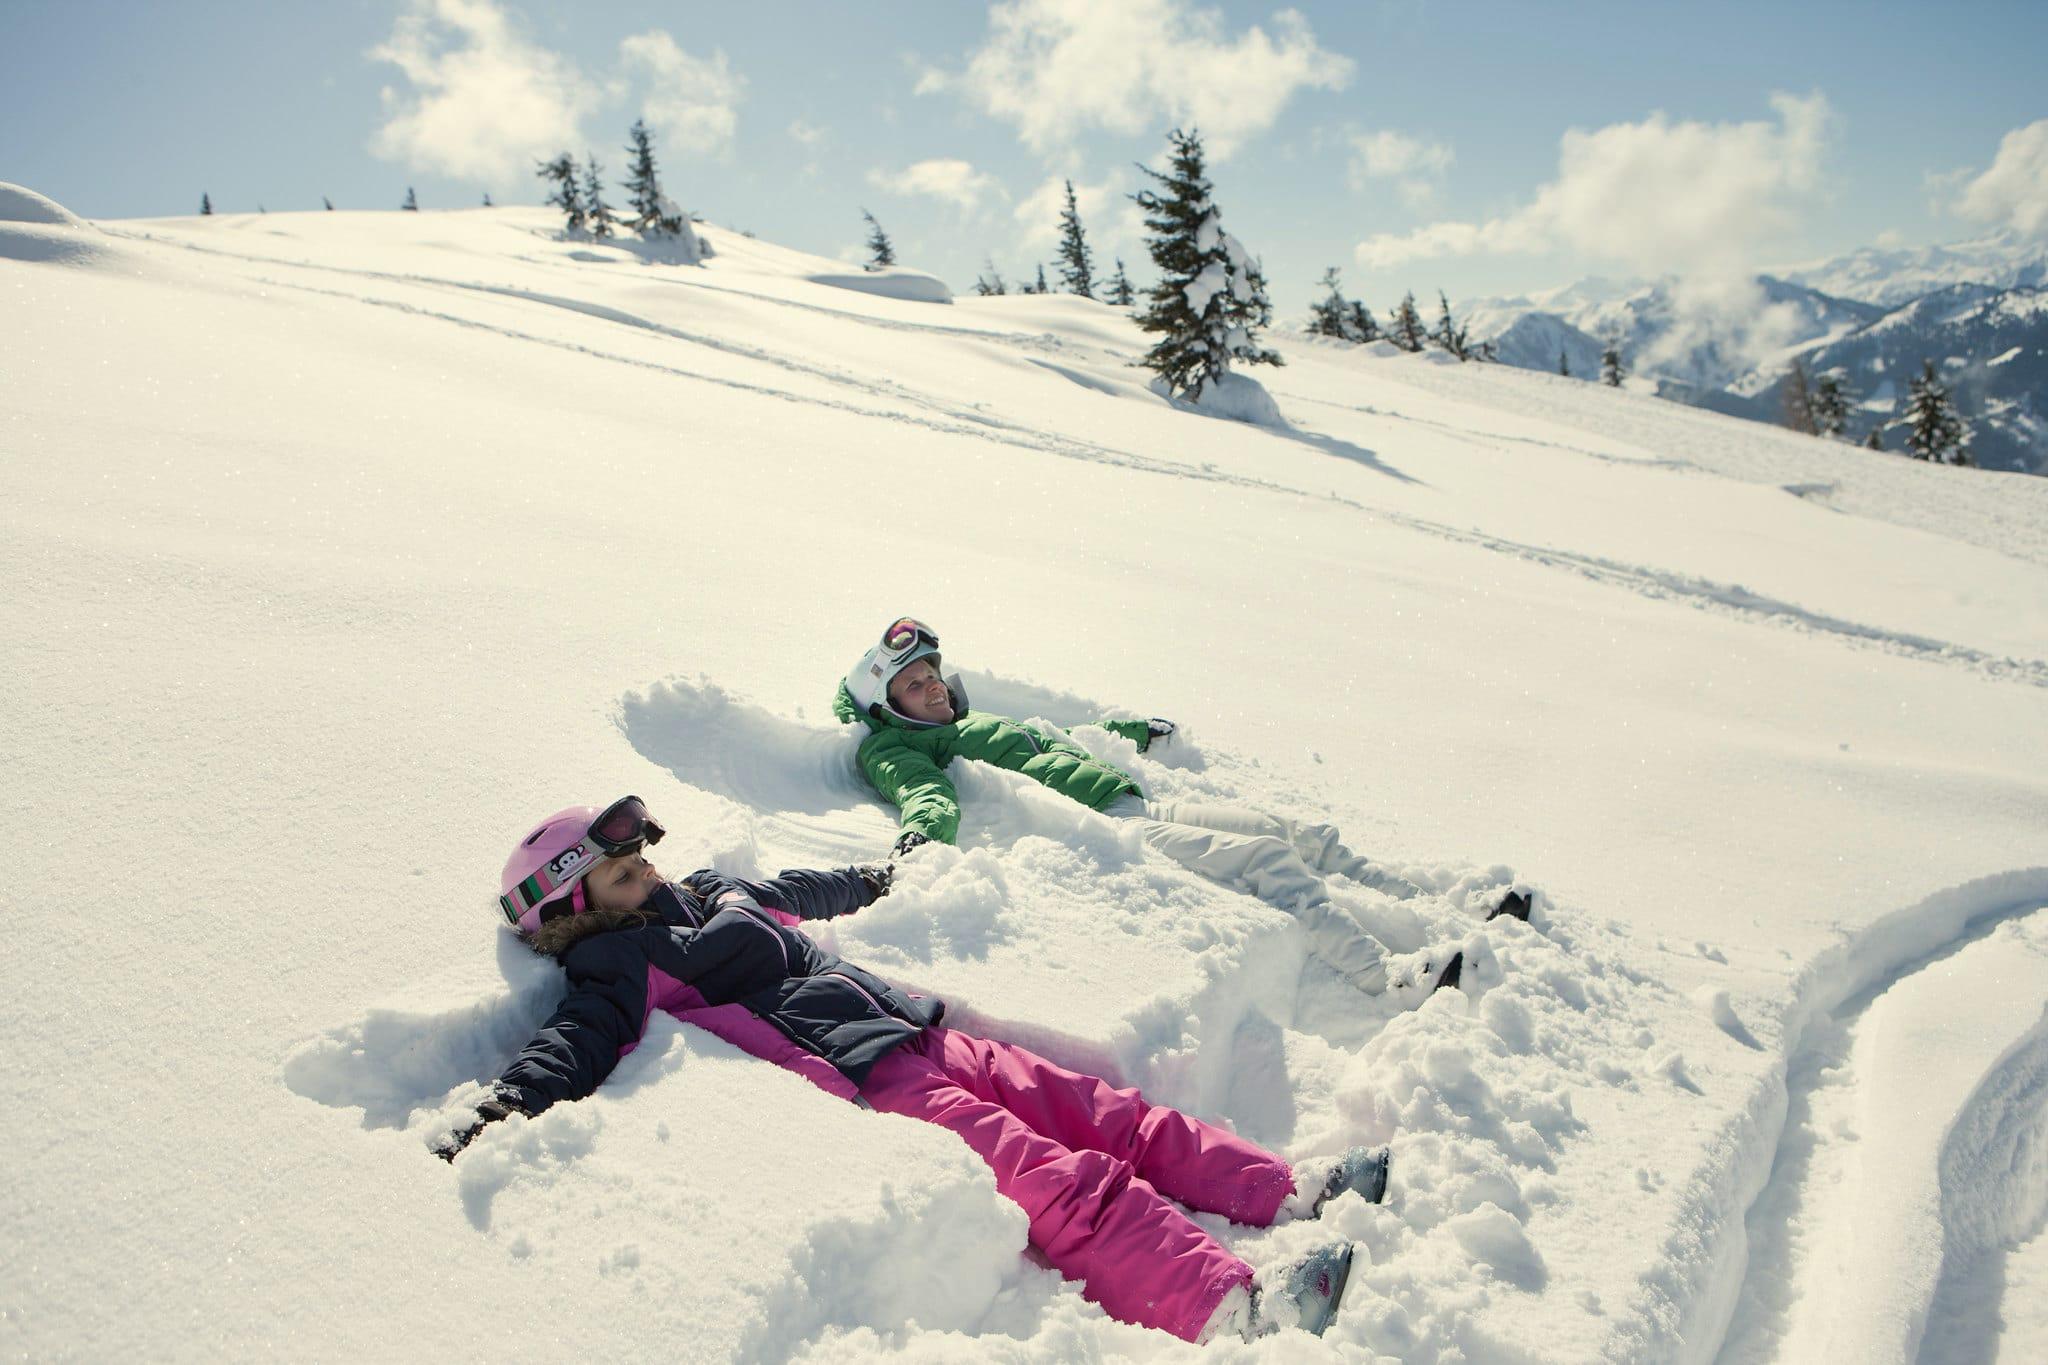 Hofgut-wagrain-apartment-lifestyle-resort-erleben-im-winter-Familienwinter-Schneeengel